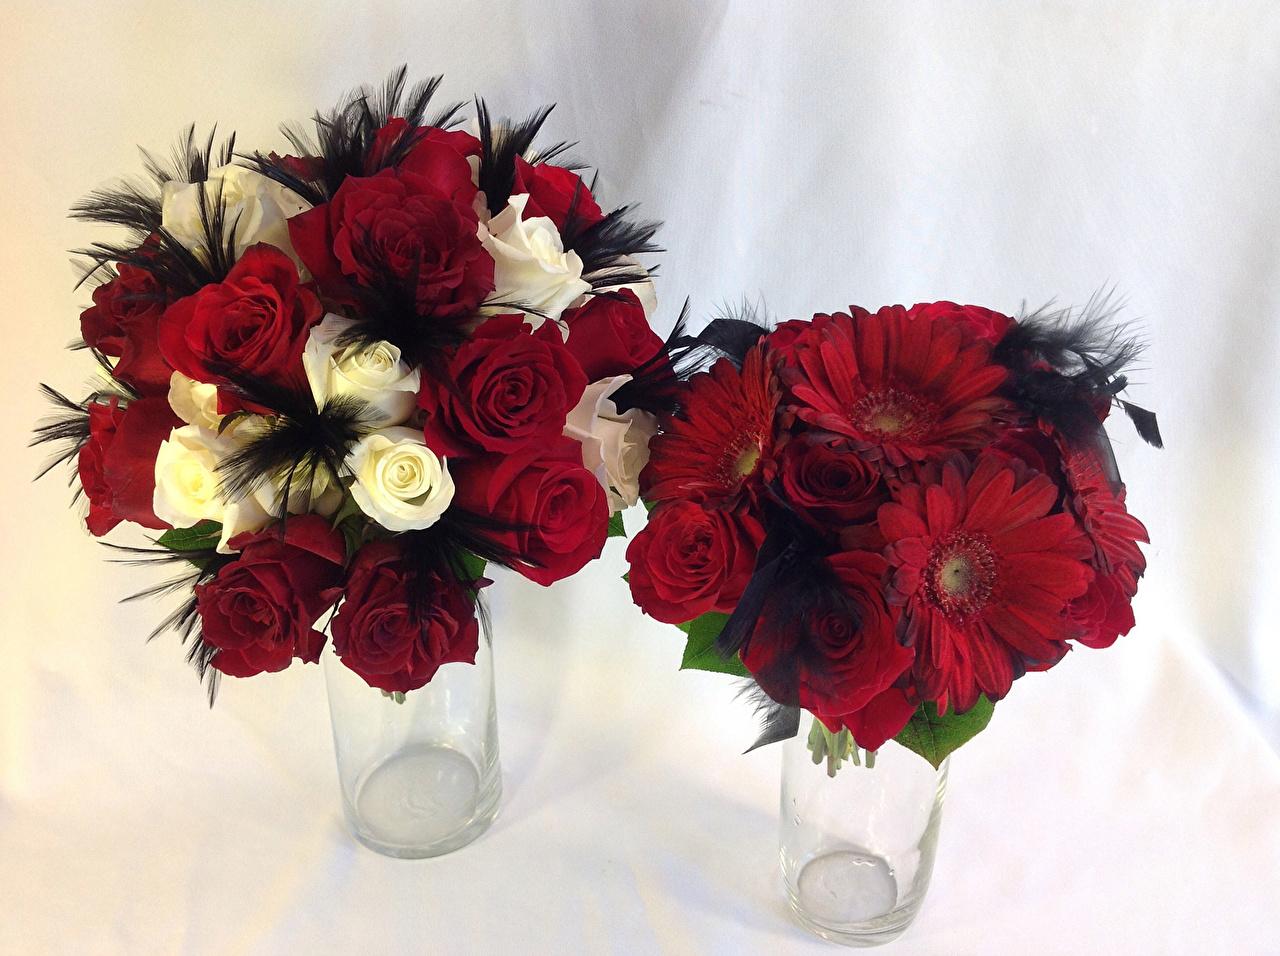 Фотография Букеты Розы Двое Герберы Цветы 2 вдвоем